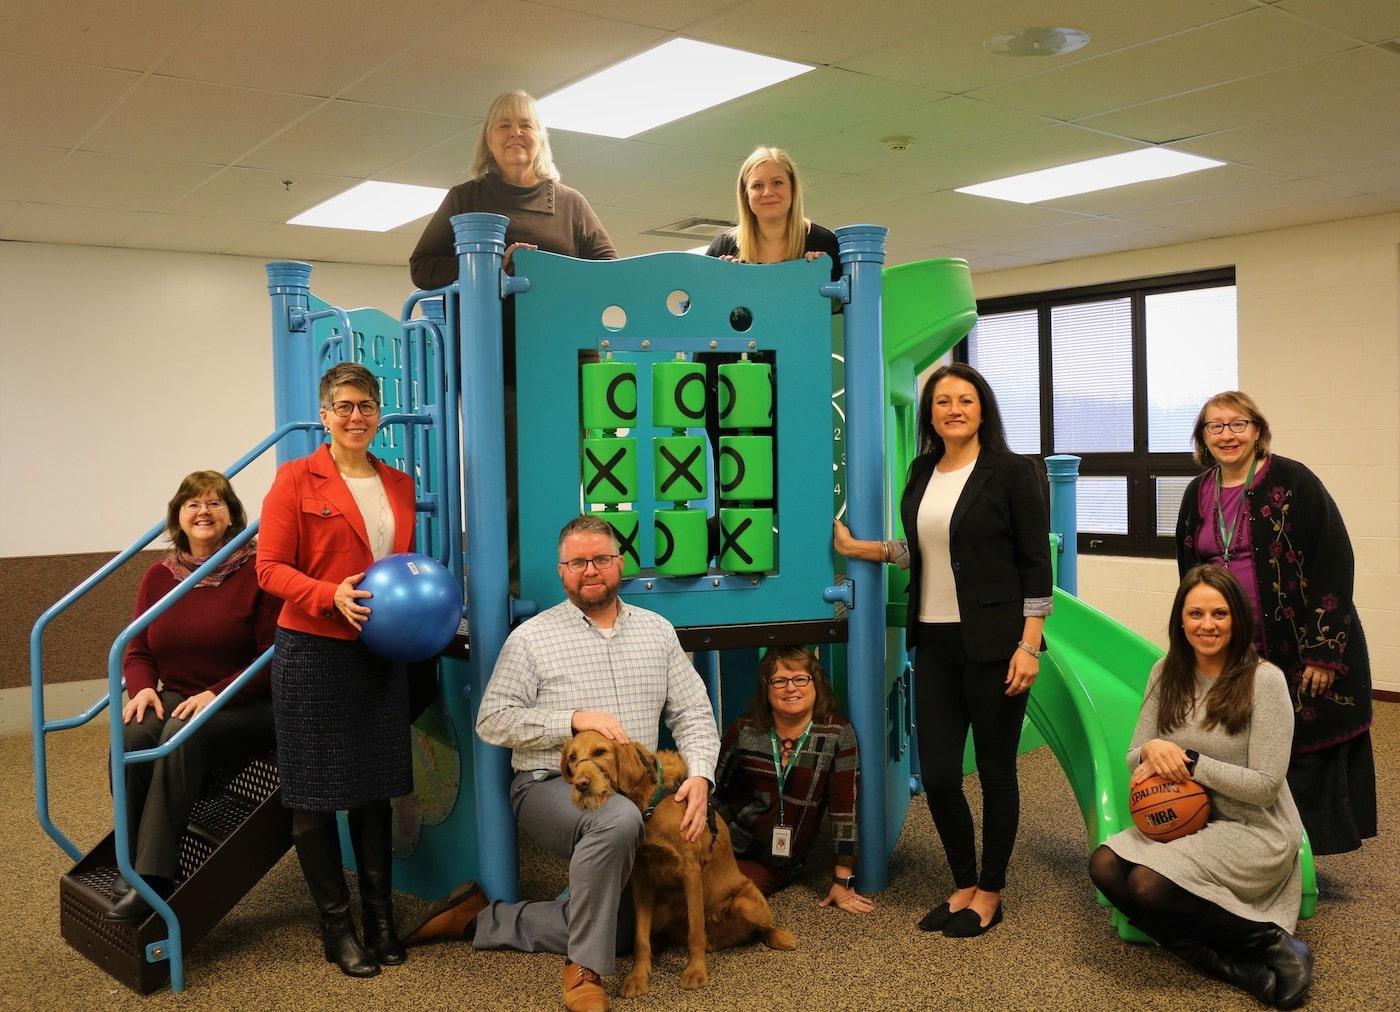 The Redwood leadership team together